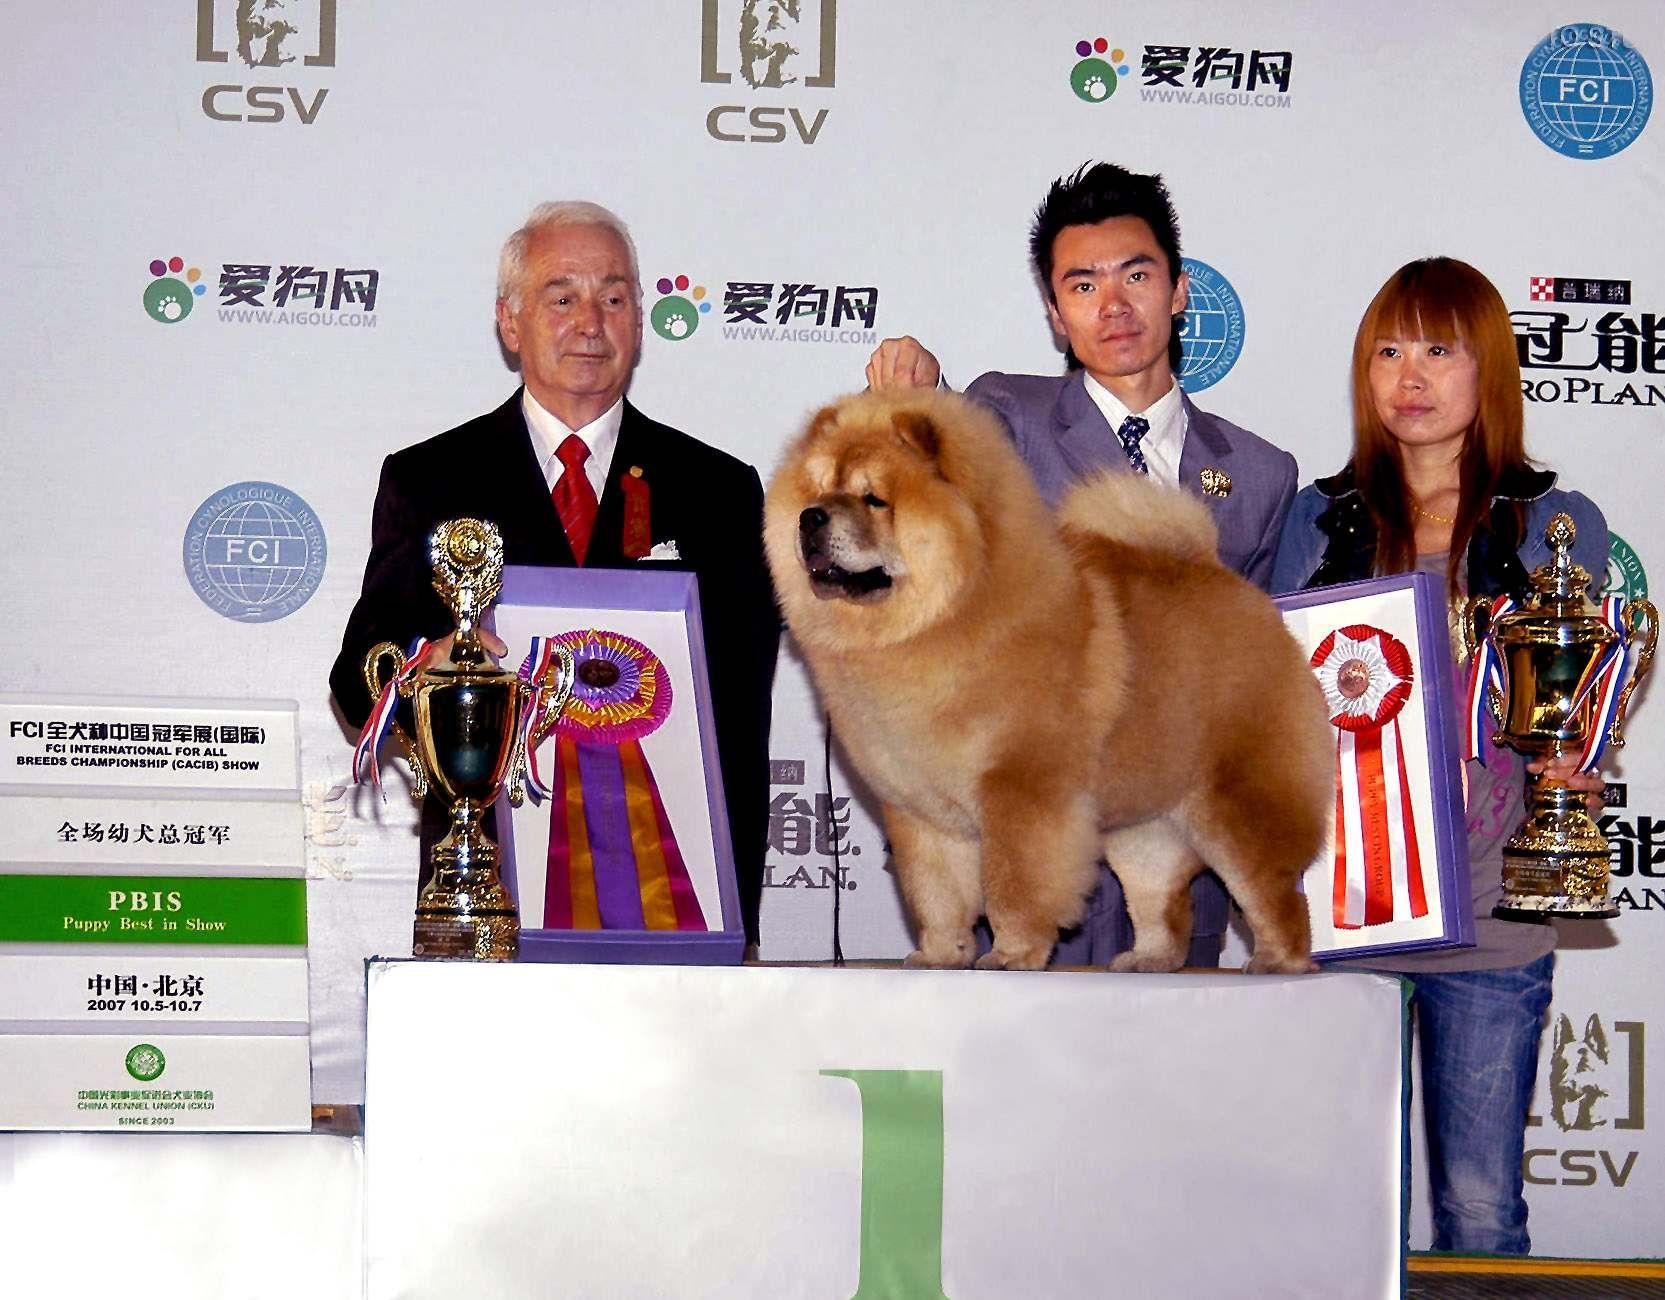 松狮犬高清图片HOPE获FCI中国冠军展(国际)全场幼犬总冠军BIS